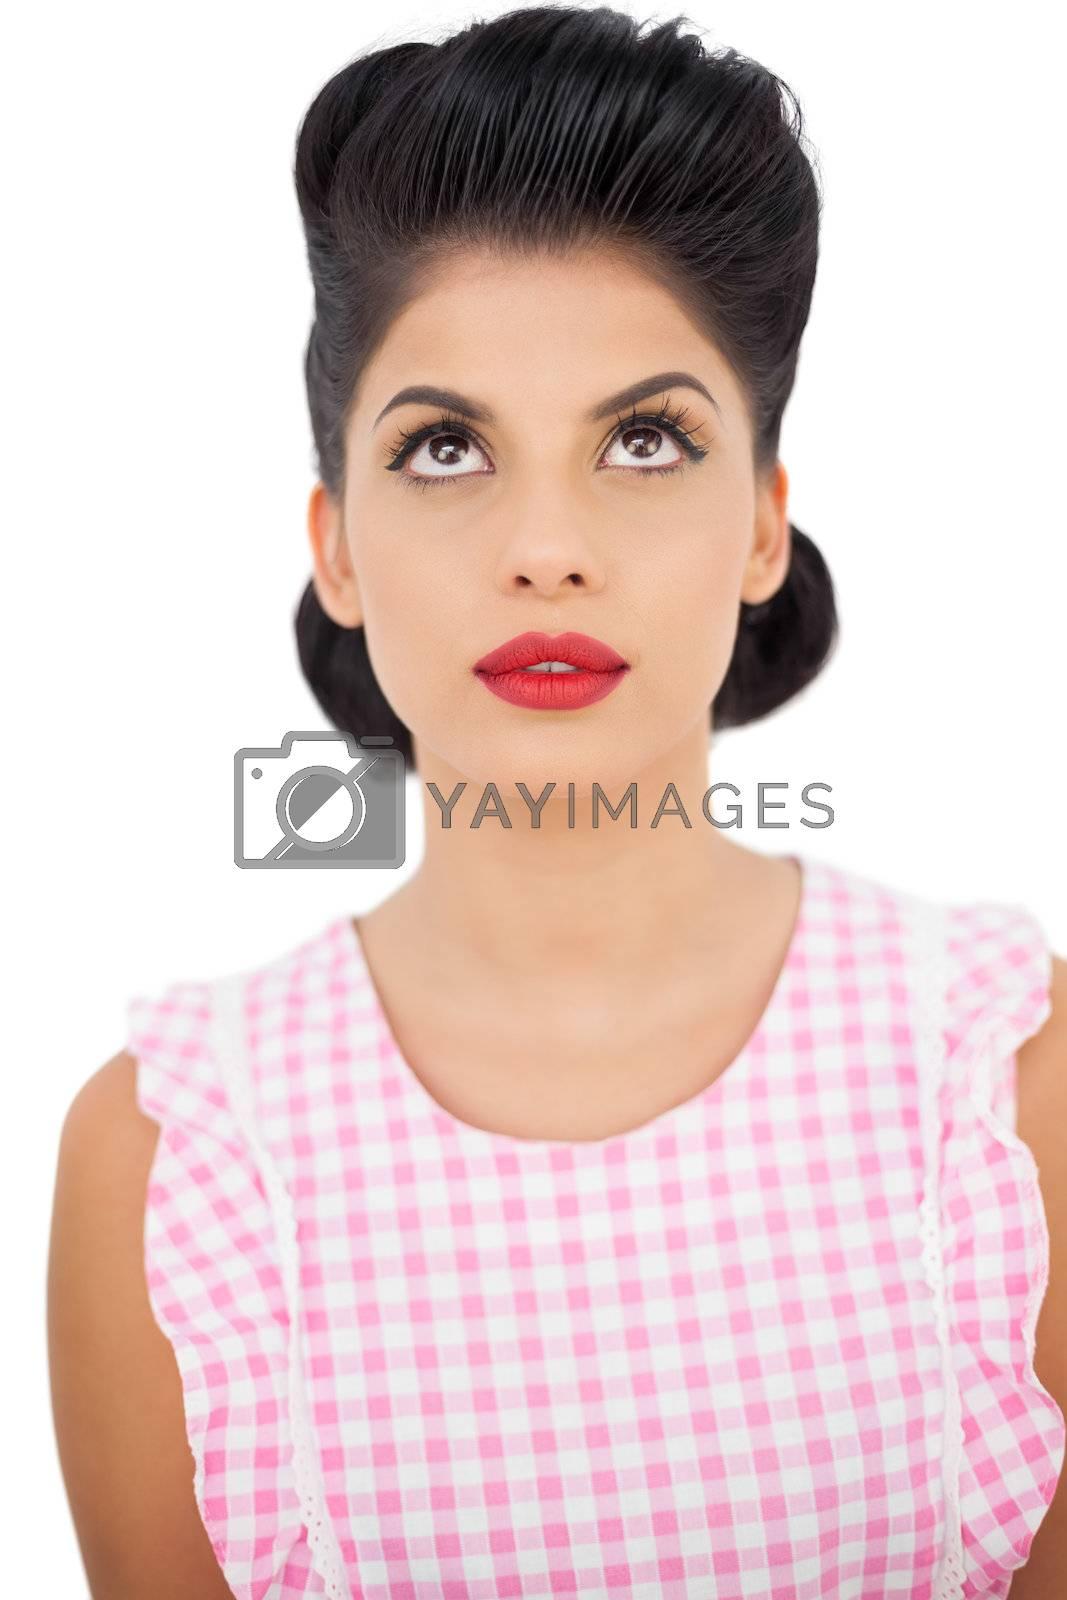 Gorgeous black hair model looking up by Wavebreakmedia